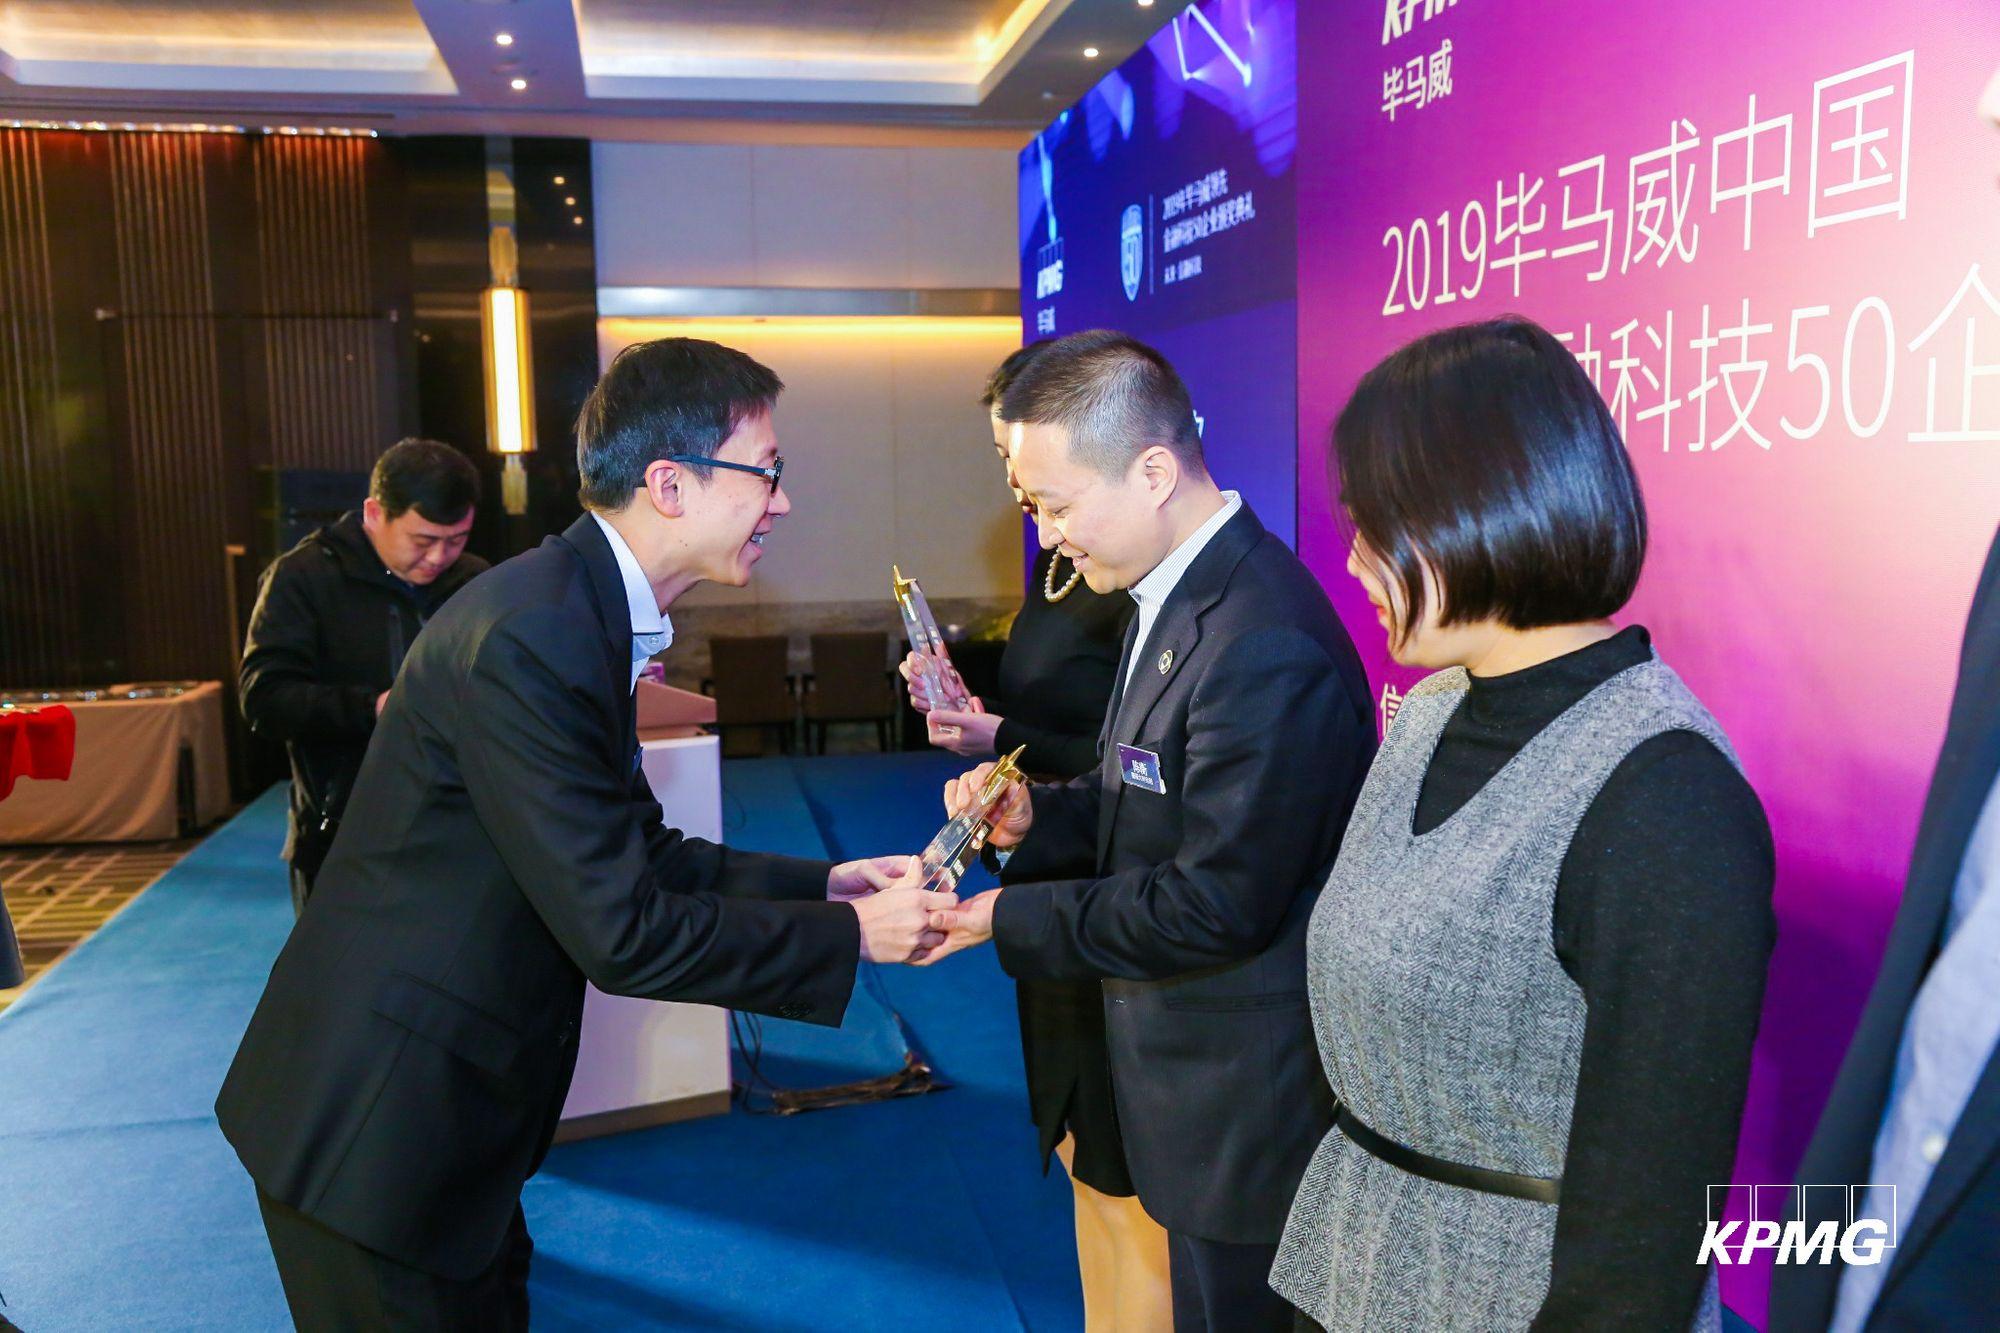 重磅 | 蔷薇大树金融蝉联毕马威中国领先金融科技50企业榜单